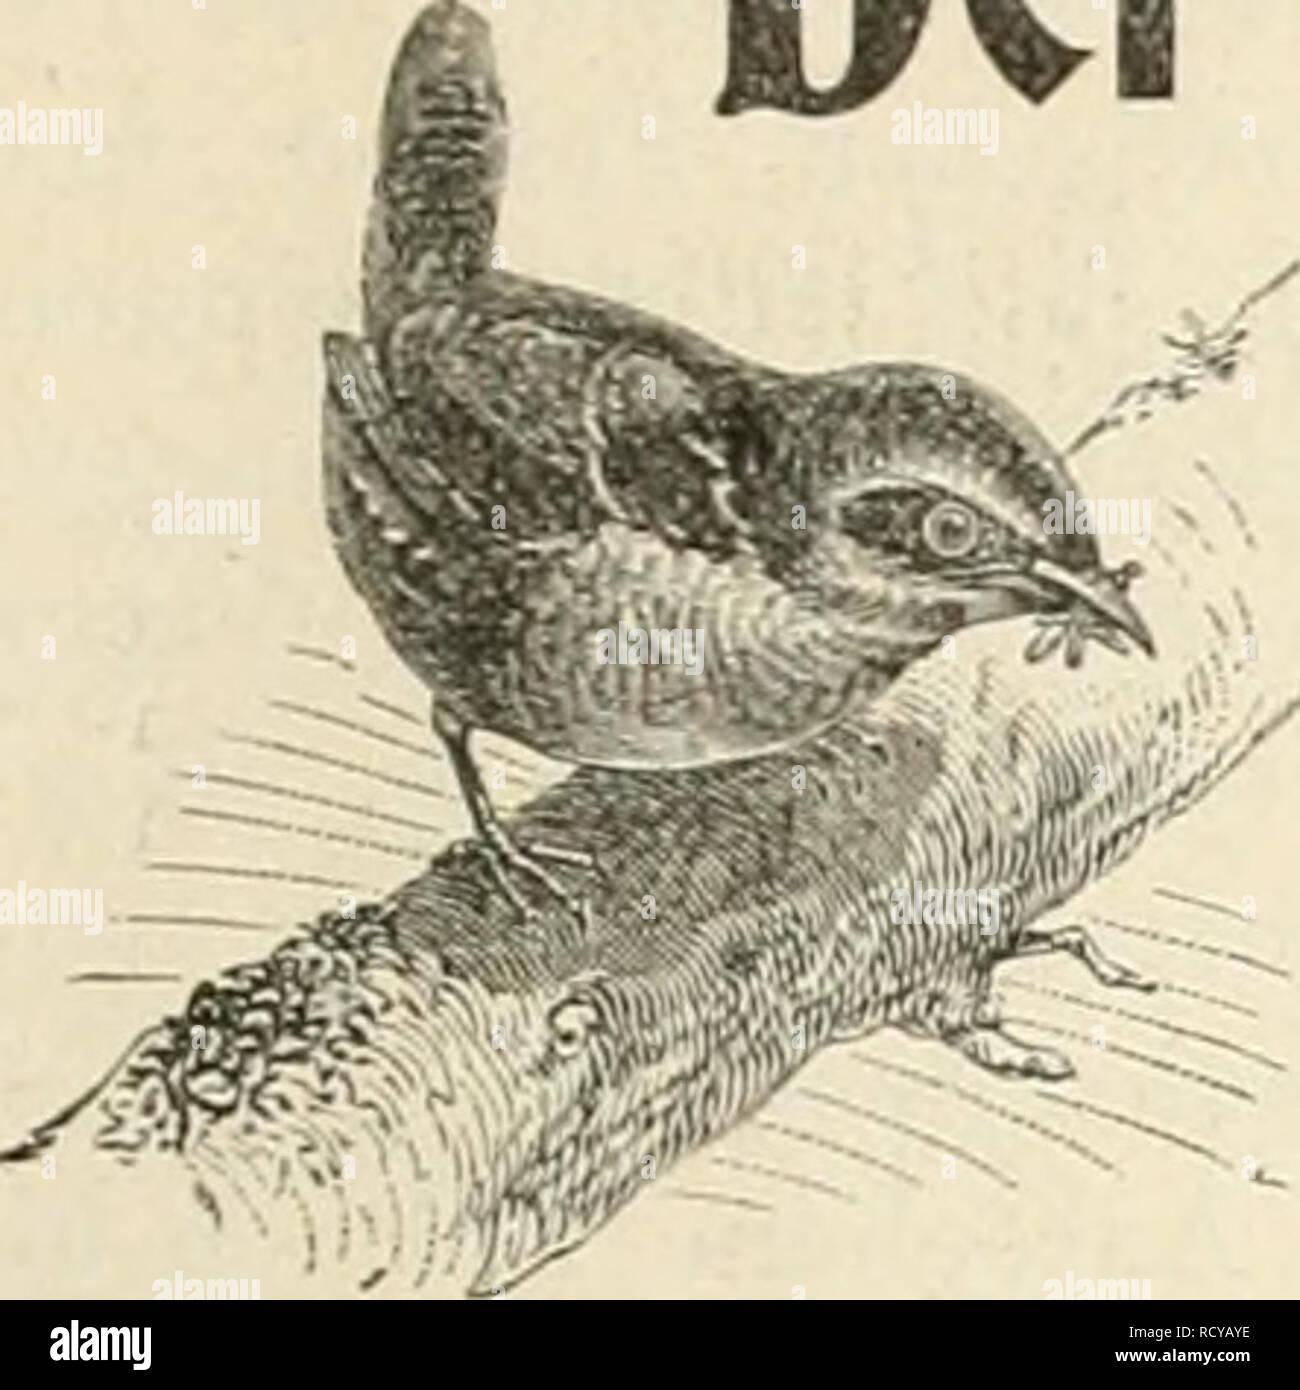 """. Der Ornithologische Beobachter. Birds; Birds. Heft IS^. 0. April 1903. Jalirj;aug I j. Der Ornitholodi$cbe Beobachter. Wochensctirift für Vogelliebhaber und Vogelschutz. Redaktion Carl Dawt, Bern und 6u$tav von Burg, Ölten. M-- Ersebeint jeden Donnerstag. Ileraiisgegeben von Carl Daut in Bern (Schweiz). Inhalt: """"Surrexif, C-reJicht. — Ornithologische Beobachtungen, von Dr. L. Greppin, Kosegg, Solothura (Forts.). — Kuckuck, Eisvogel, Goldamsel und Star im Jahr 1902, von Dr. H. Fischer-Sigwart, Zofingen (Forts.).— Der Frühjahrszug am böhmisch-mährischen Urgebirge, von Ludwig Siegel, Znaim. — N - Stock Image"""